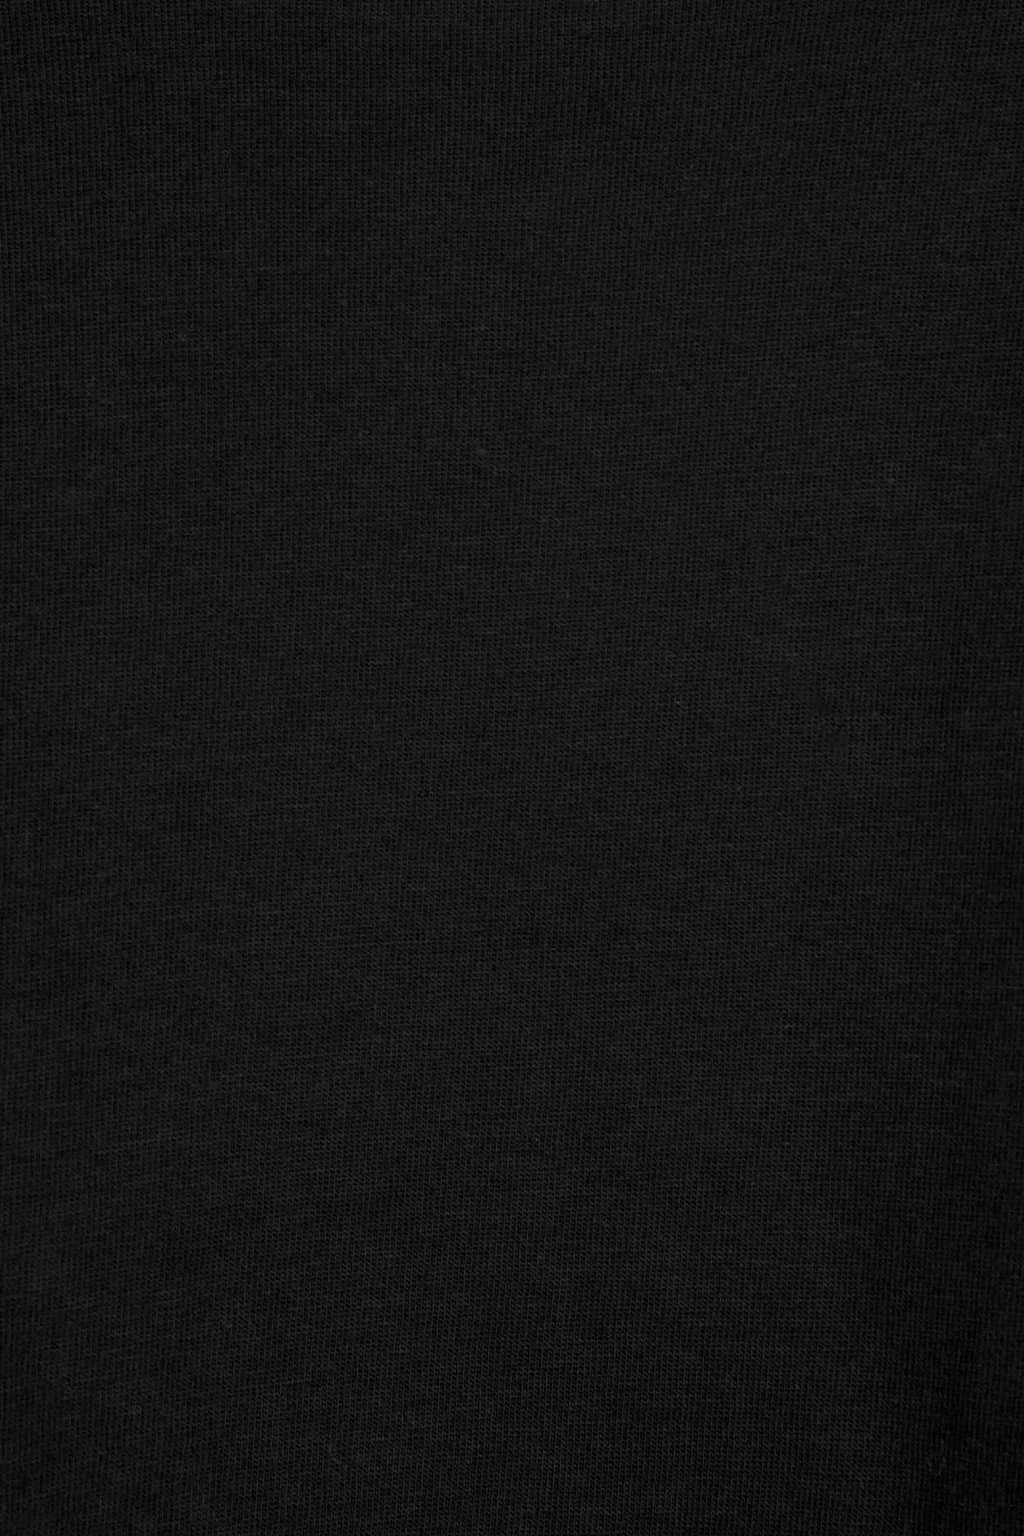 TShirt 2249 Black 8